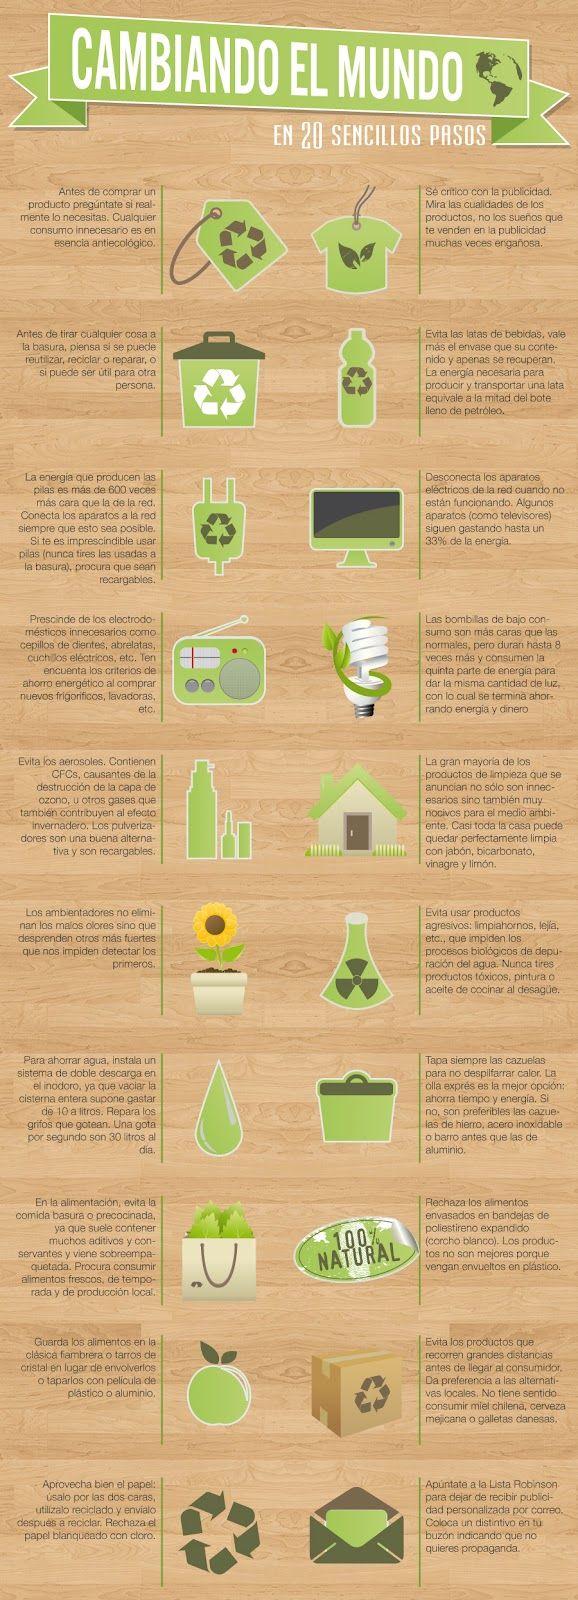 20 sencillos pasos para cambiar el mundo #infografia #infographic #medioambiente